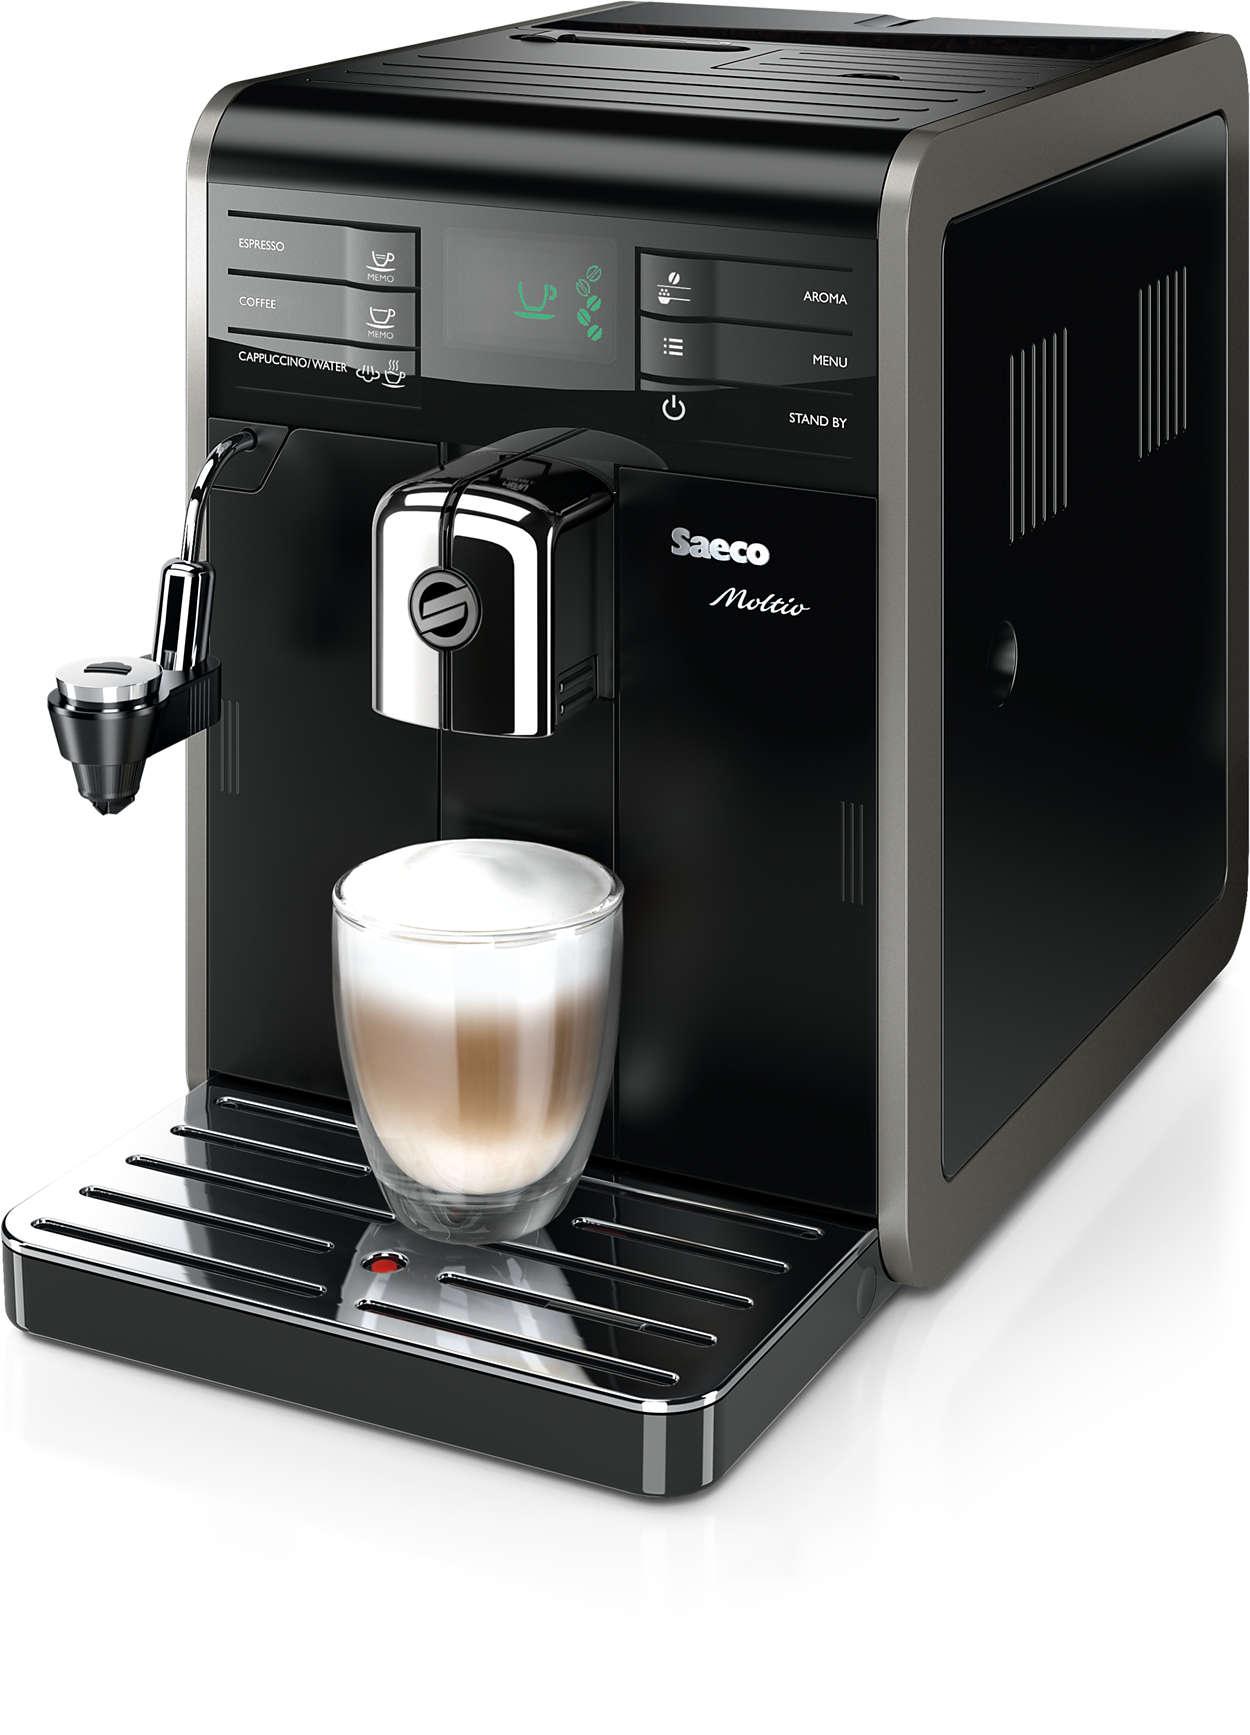 Hvert øjeblik fortjener den gode kaffesmag.